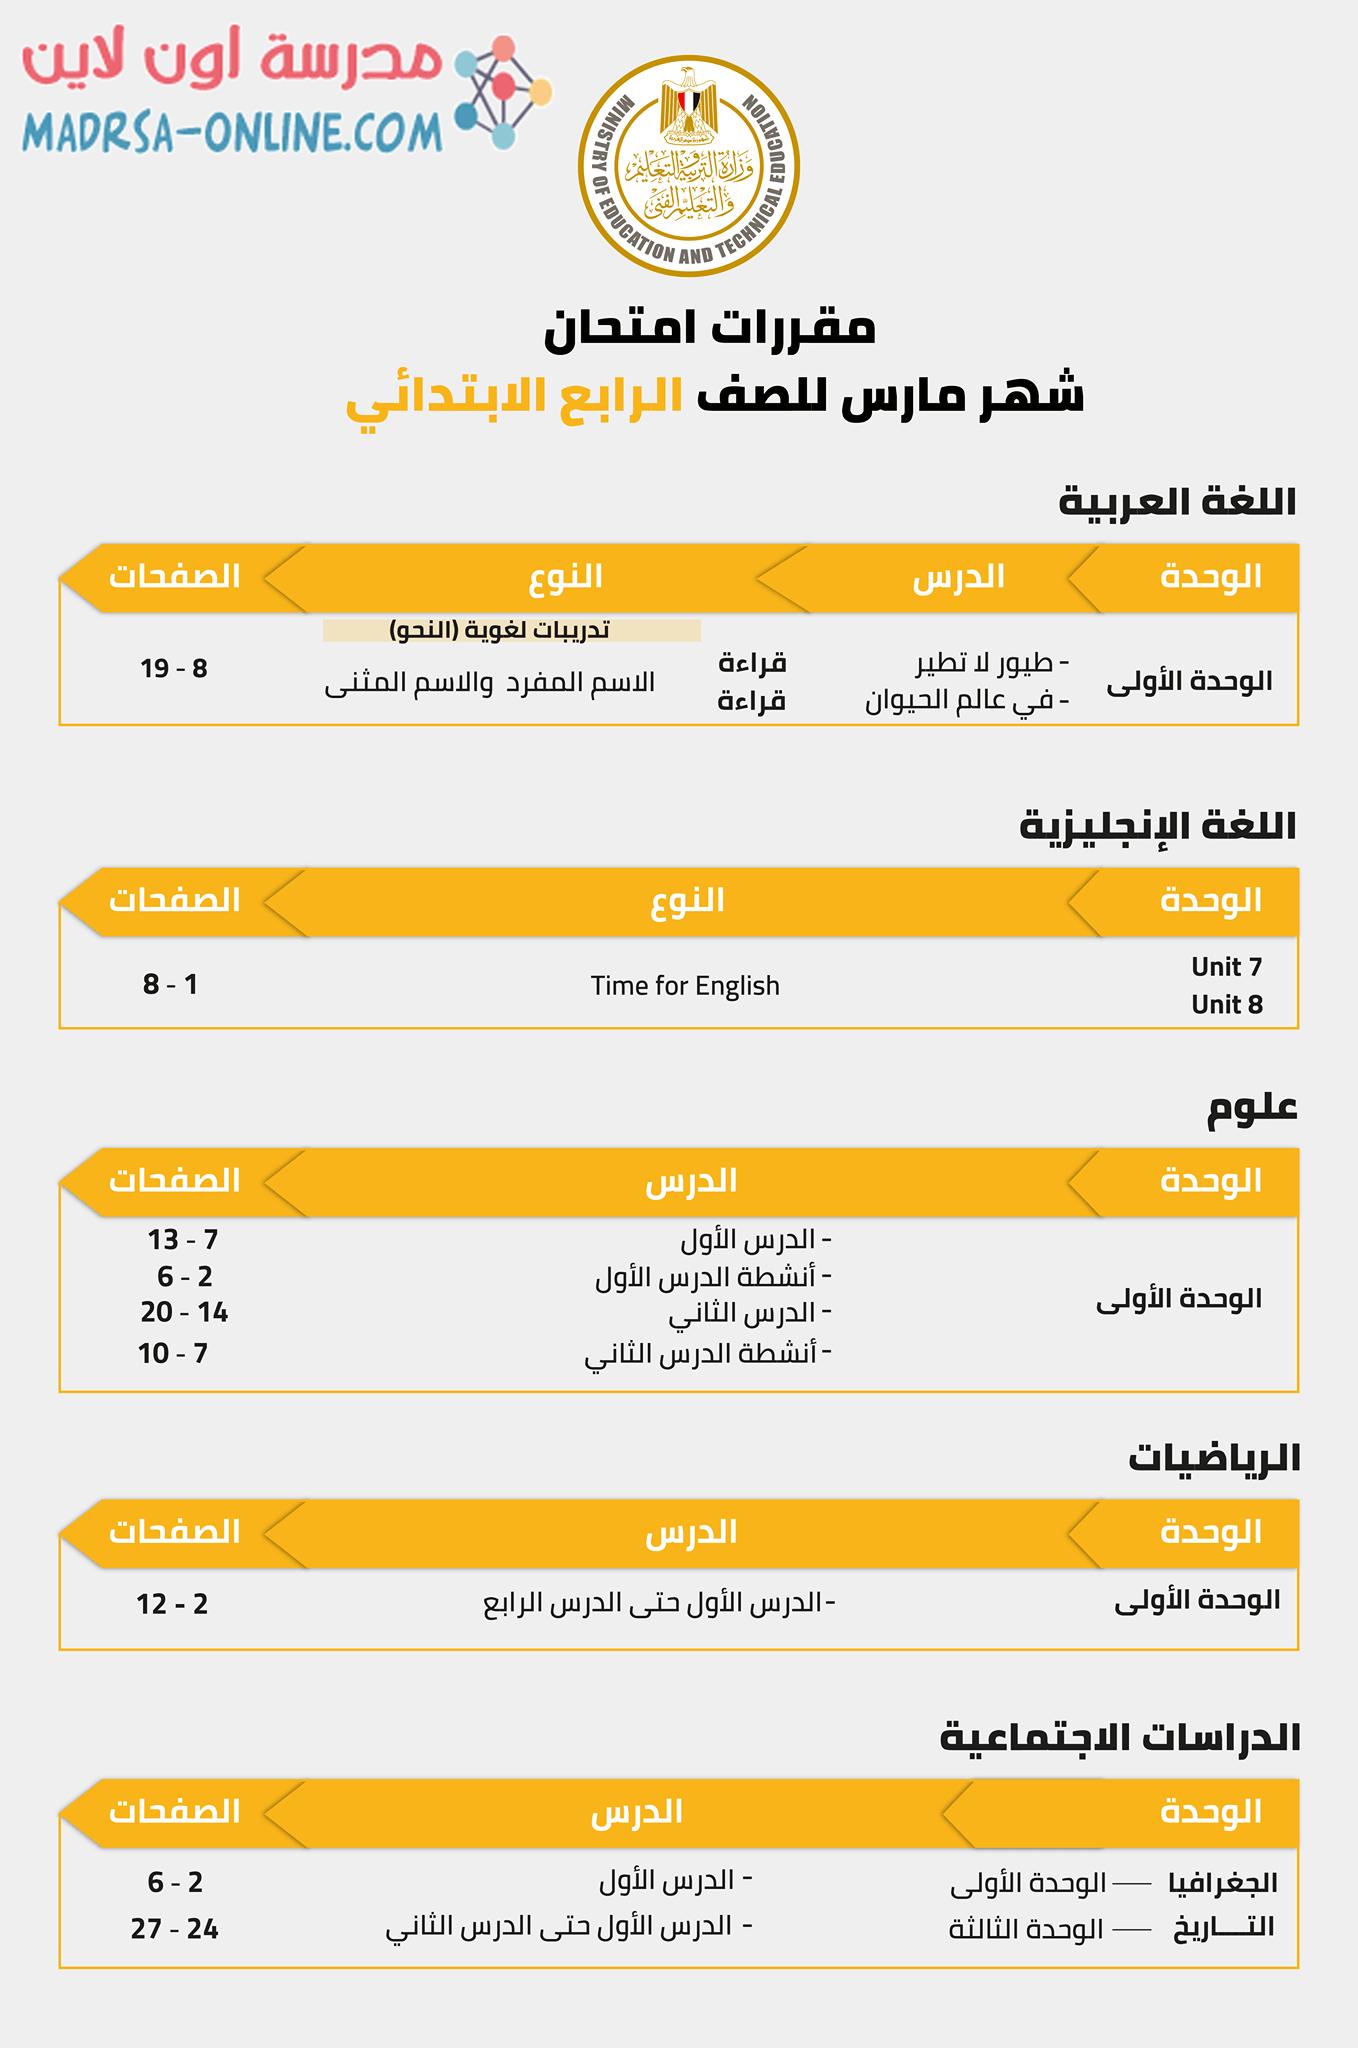 مقررات امتحان مارس لرابعة ابتدائي